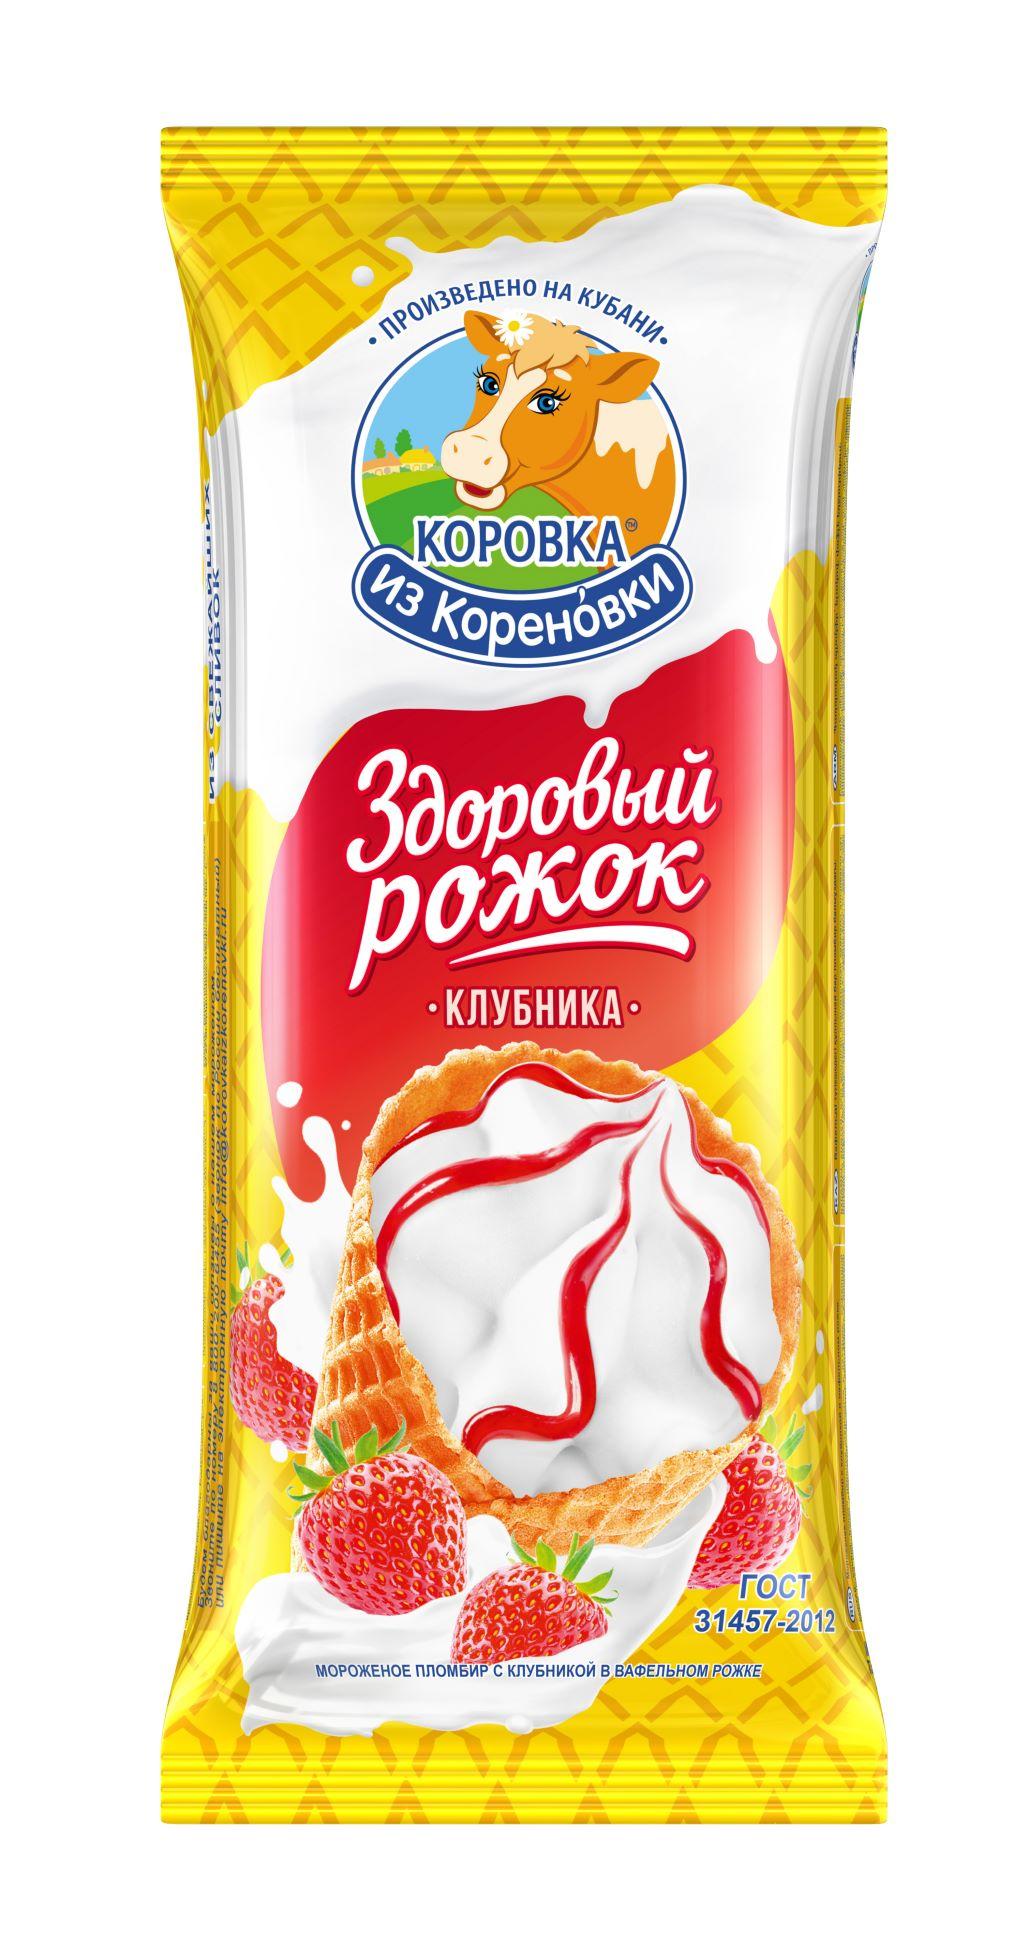 БЗМЖ Мороженое пломбир с клубникой в вафельном рожке  Коровка из Кореновки